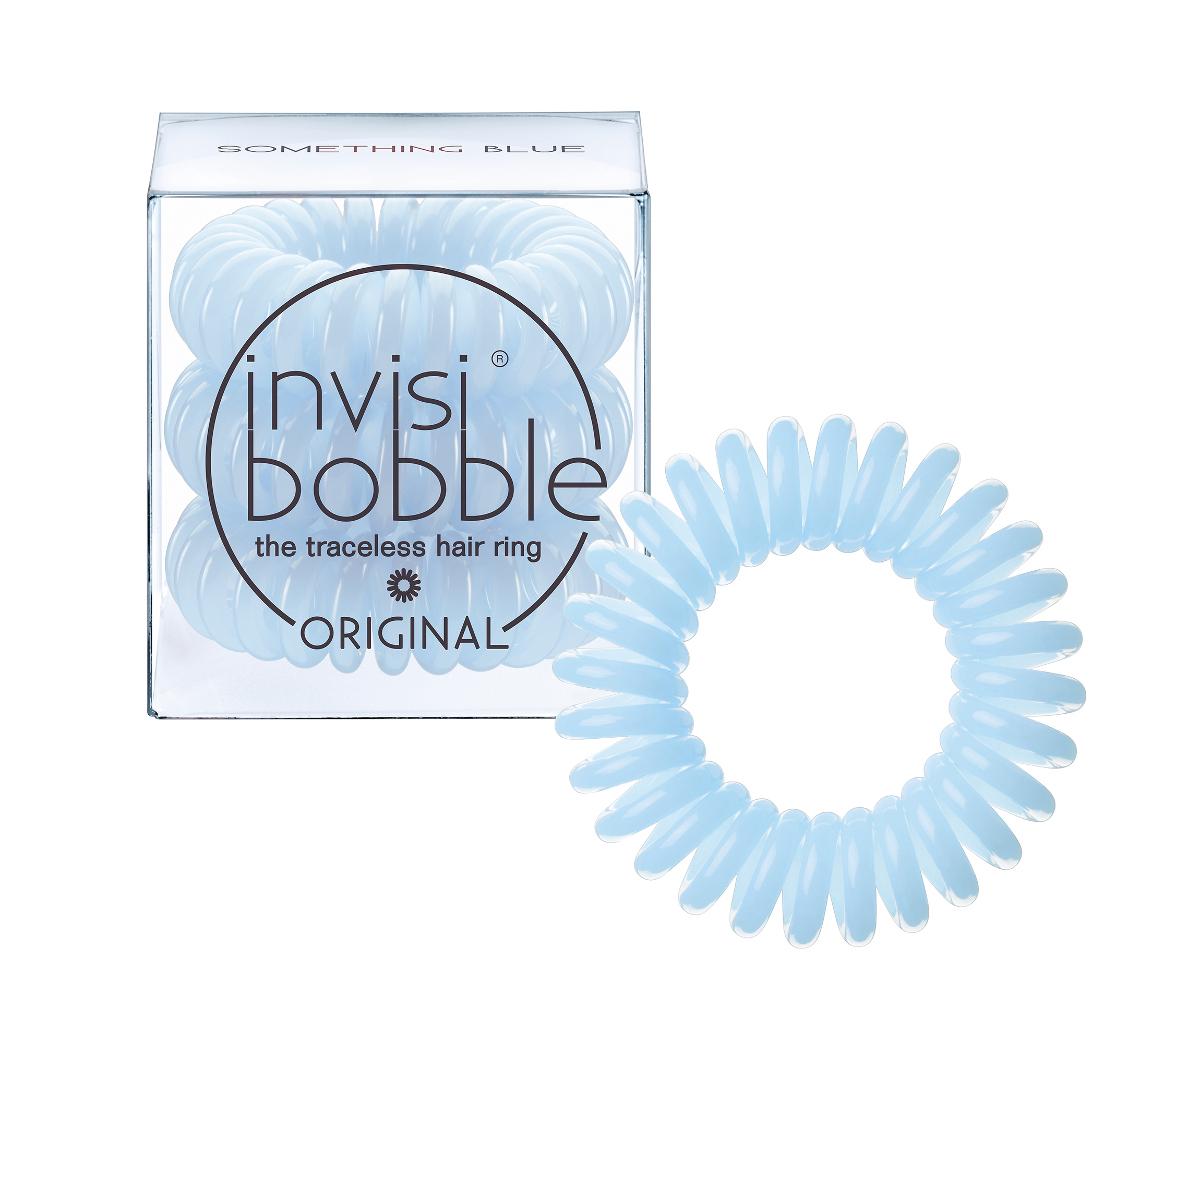 Invisibobble Резинка-браслет для волос Original Something Blue3047В нежно-голубой оттенок invisibobble something blue из коллекции ORIGINAL просто невозможно не влюбиться! В коллекцию ORIGINAL вошли наиболее популярные цвета резинок-браслетов, а также новые цвета для создания безупречного образа на каждый день. Резинки-браслеты invisibobble подходят для всех типов волос, надежно фиксируют причёску, не оставляют заломов и не вызывают головную боль благодаря неравномерному распределению давления на волосы. Кроме того, они не намокают и не вызывают аллергию при контакте с кожей, поскольку изготовлены из искусственной смолы.